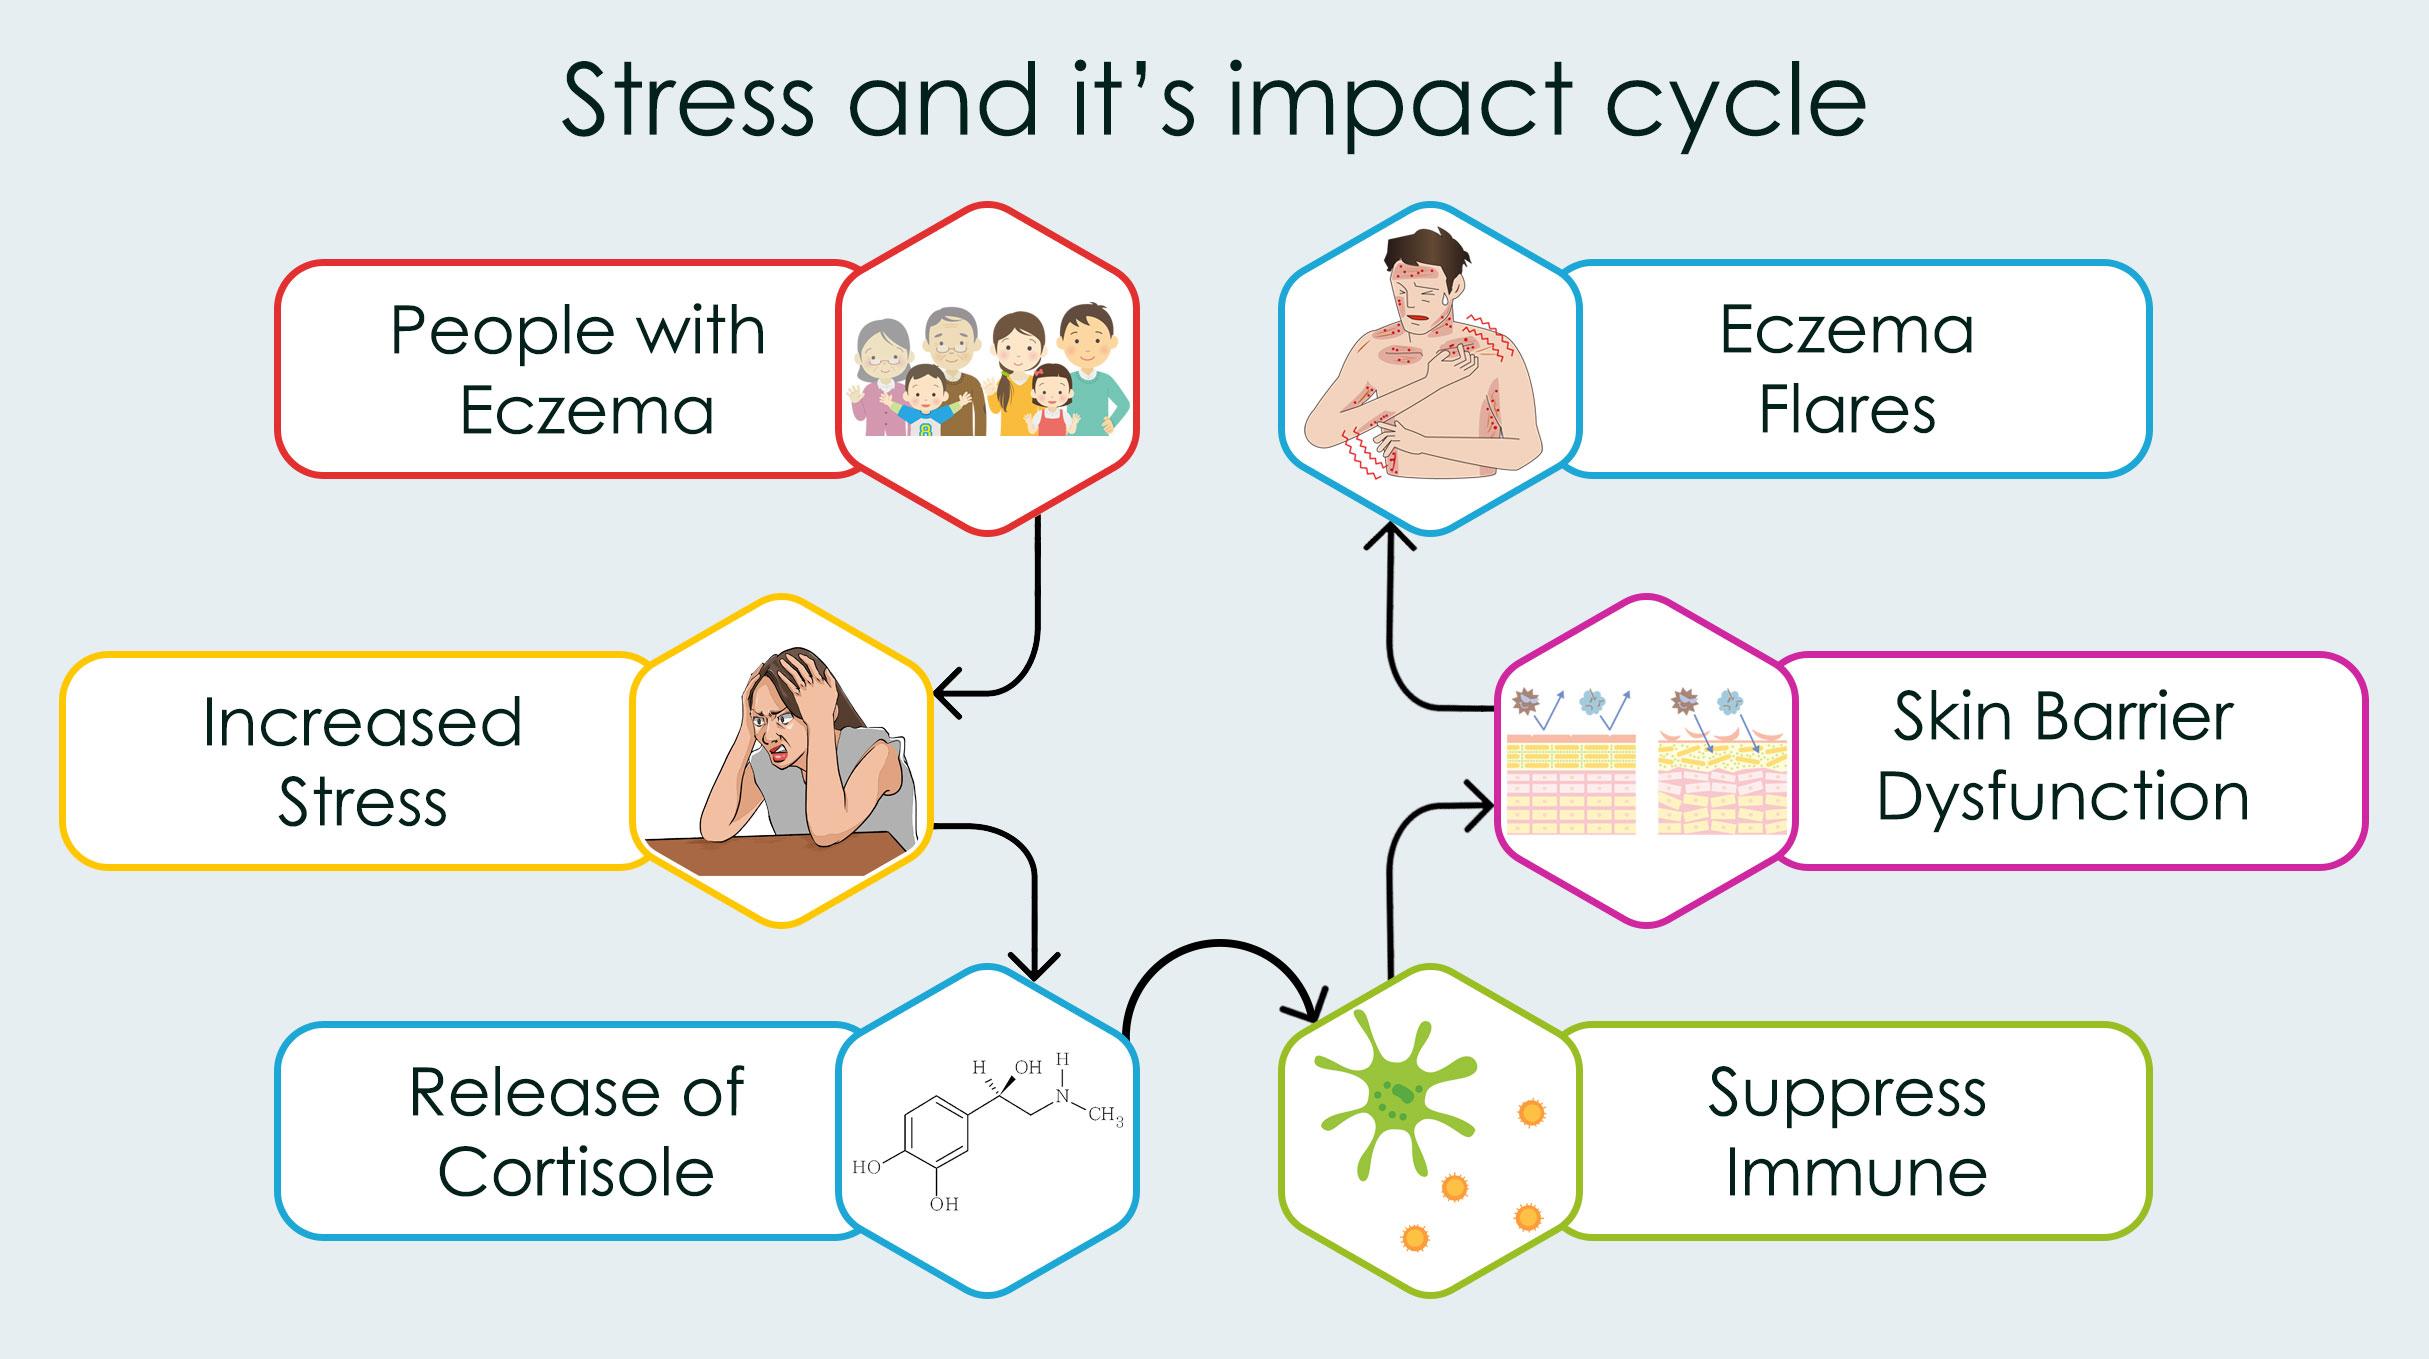 Eczema due to Stress